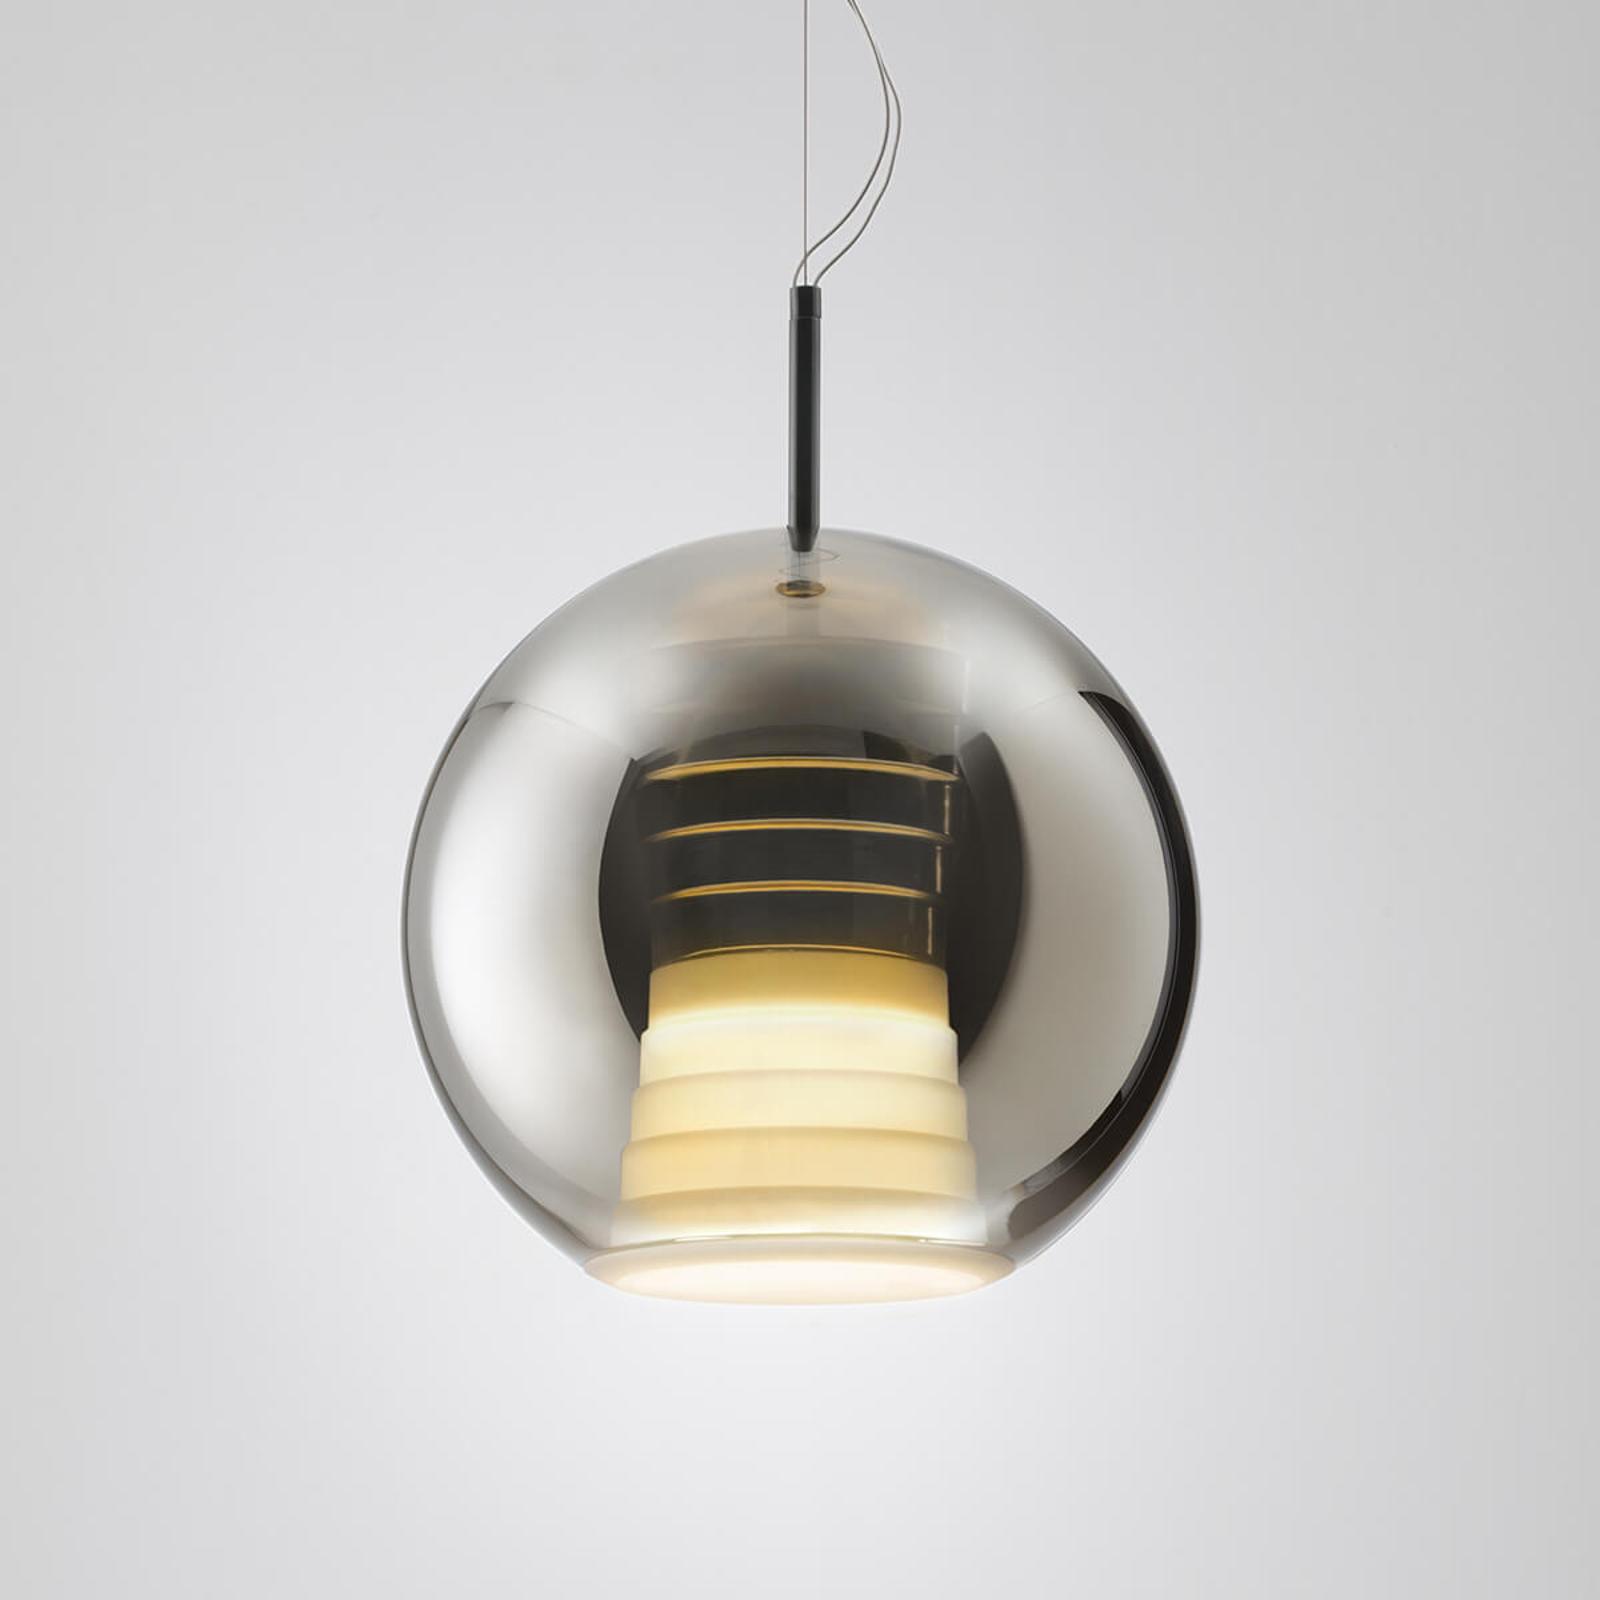 Suspension LED en verre Beluga Royal, titane